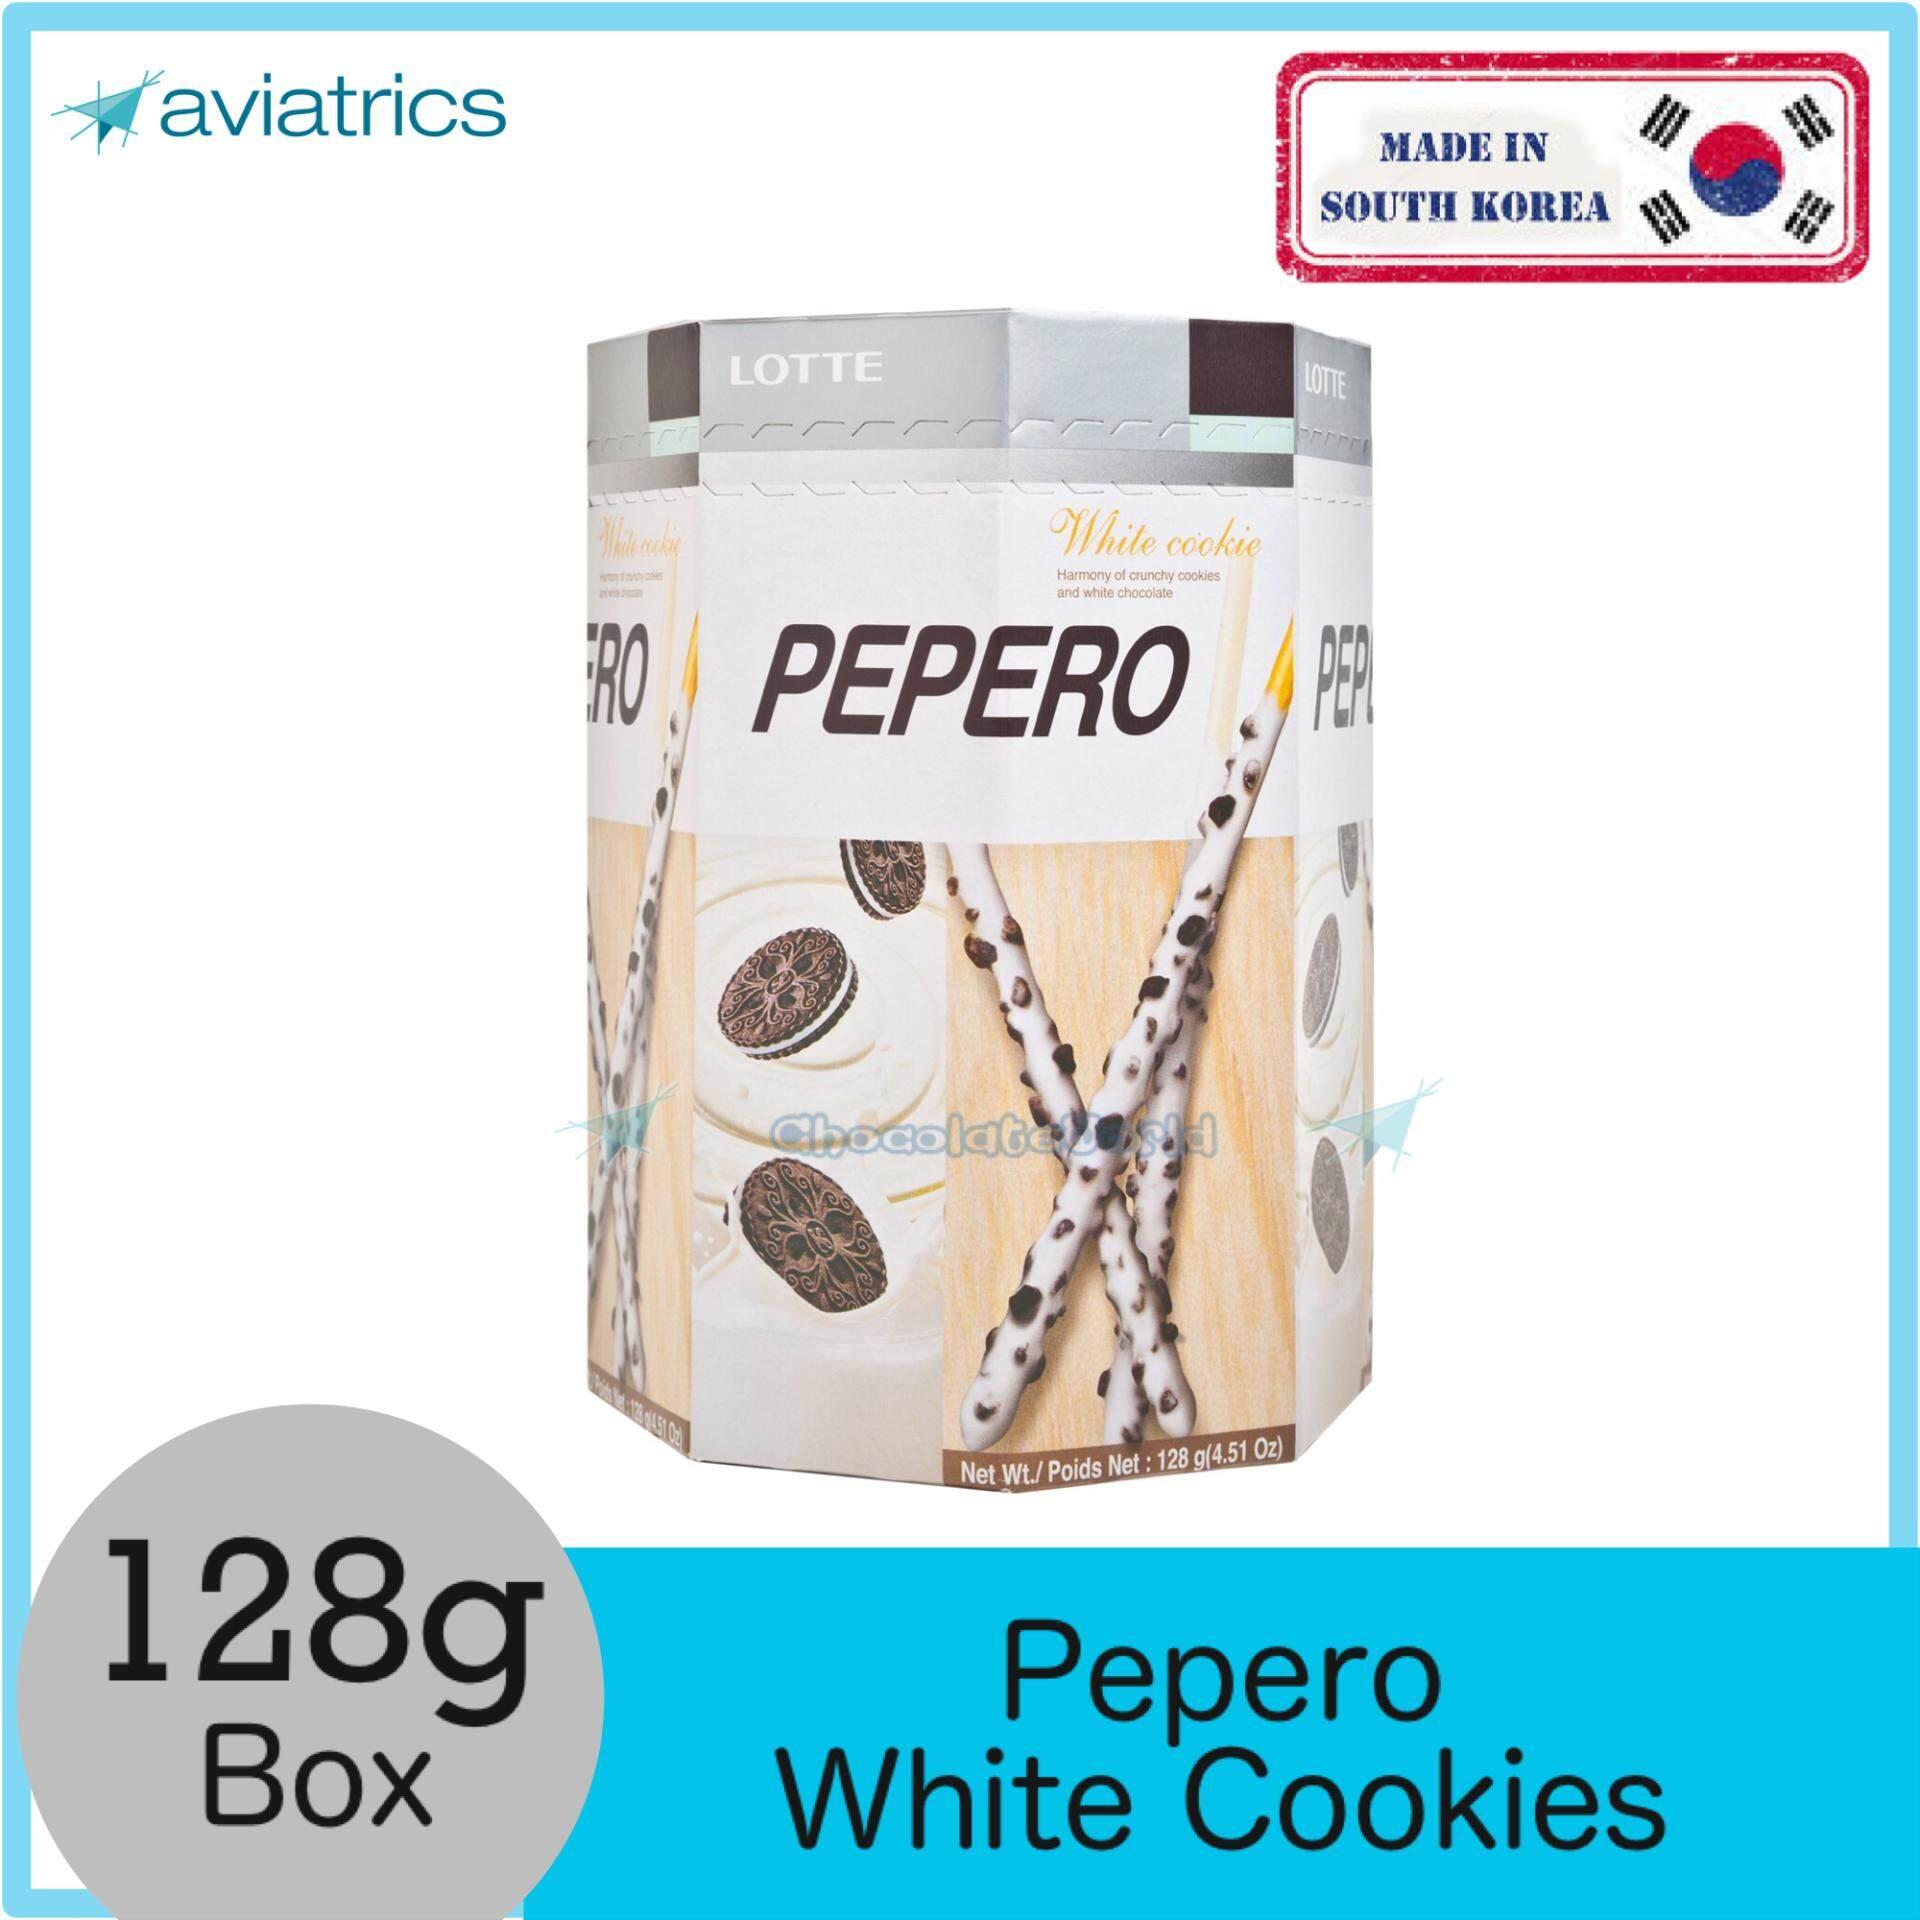 Lotte Pepero White Cookies 128g (Made in Korea)